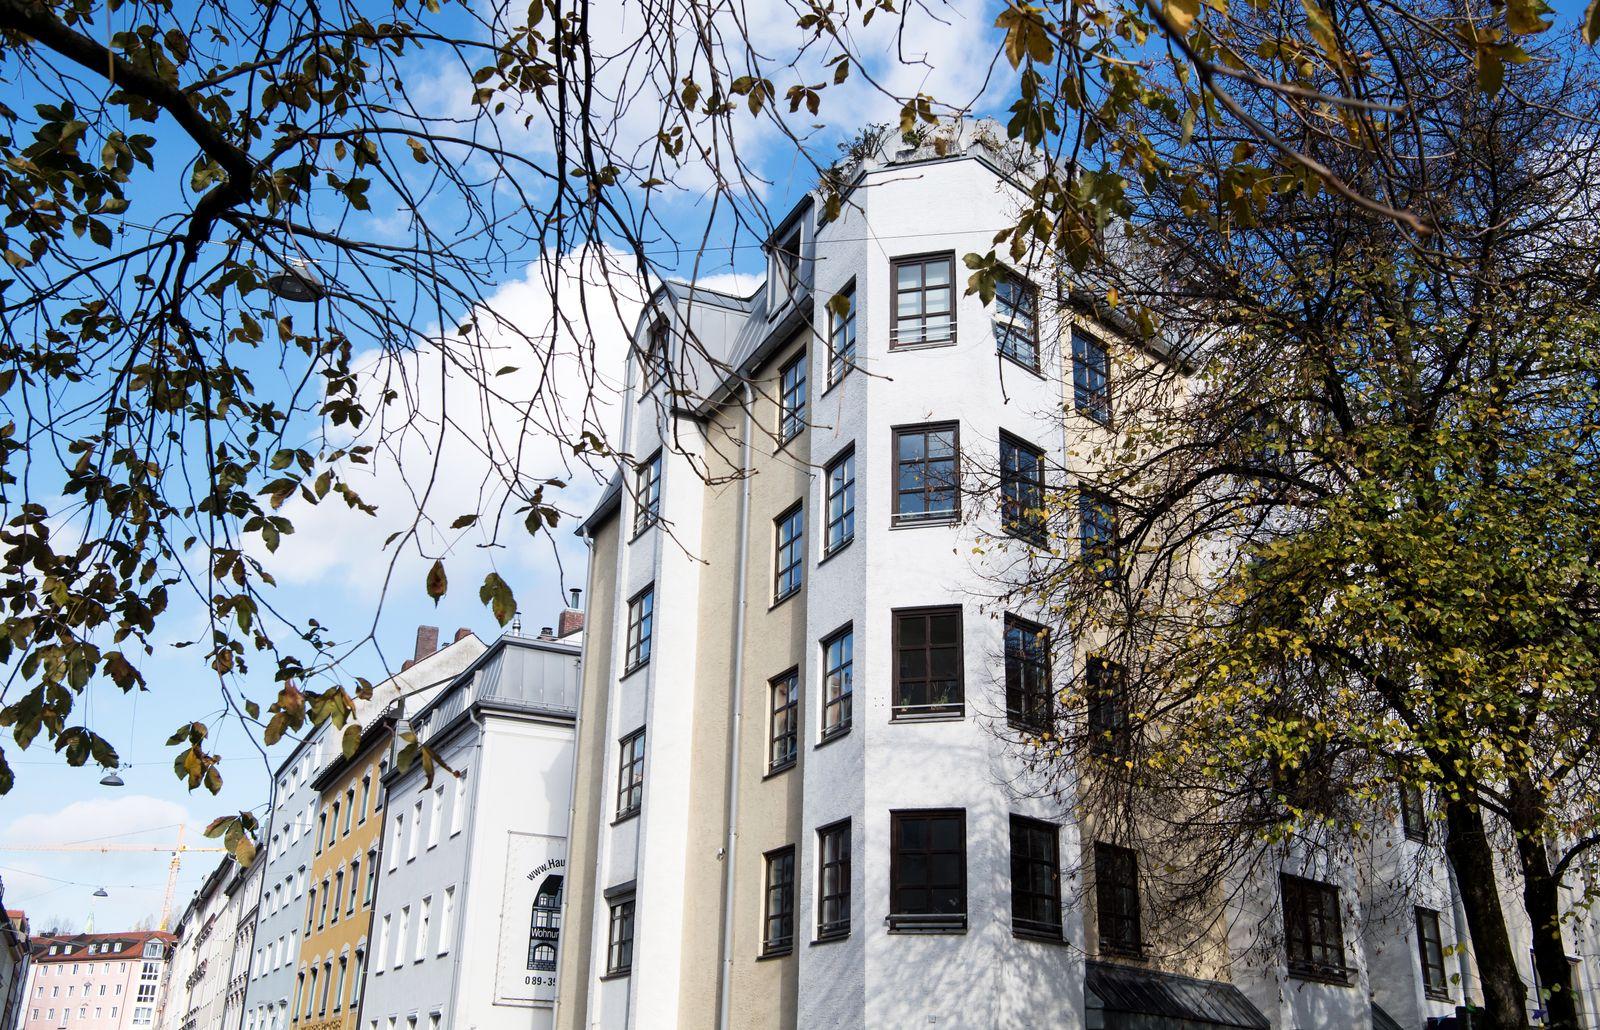 Immobilien / Wohnungen / Wohnhäuser / Wohnen / München